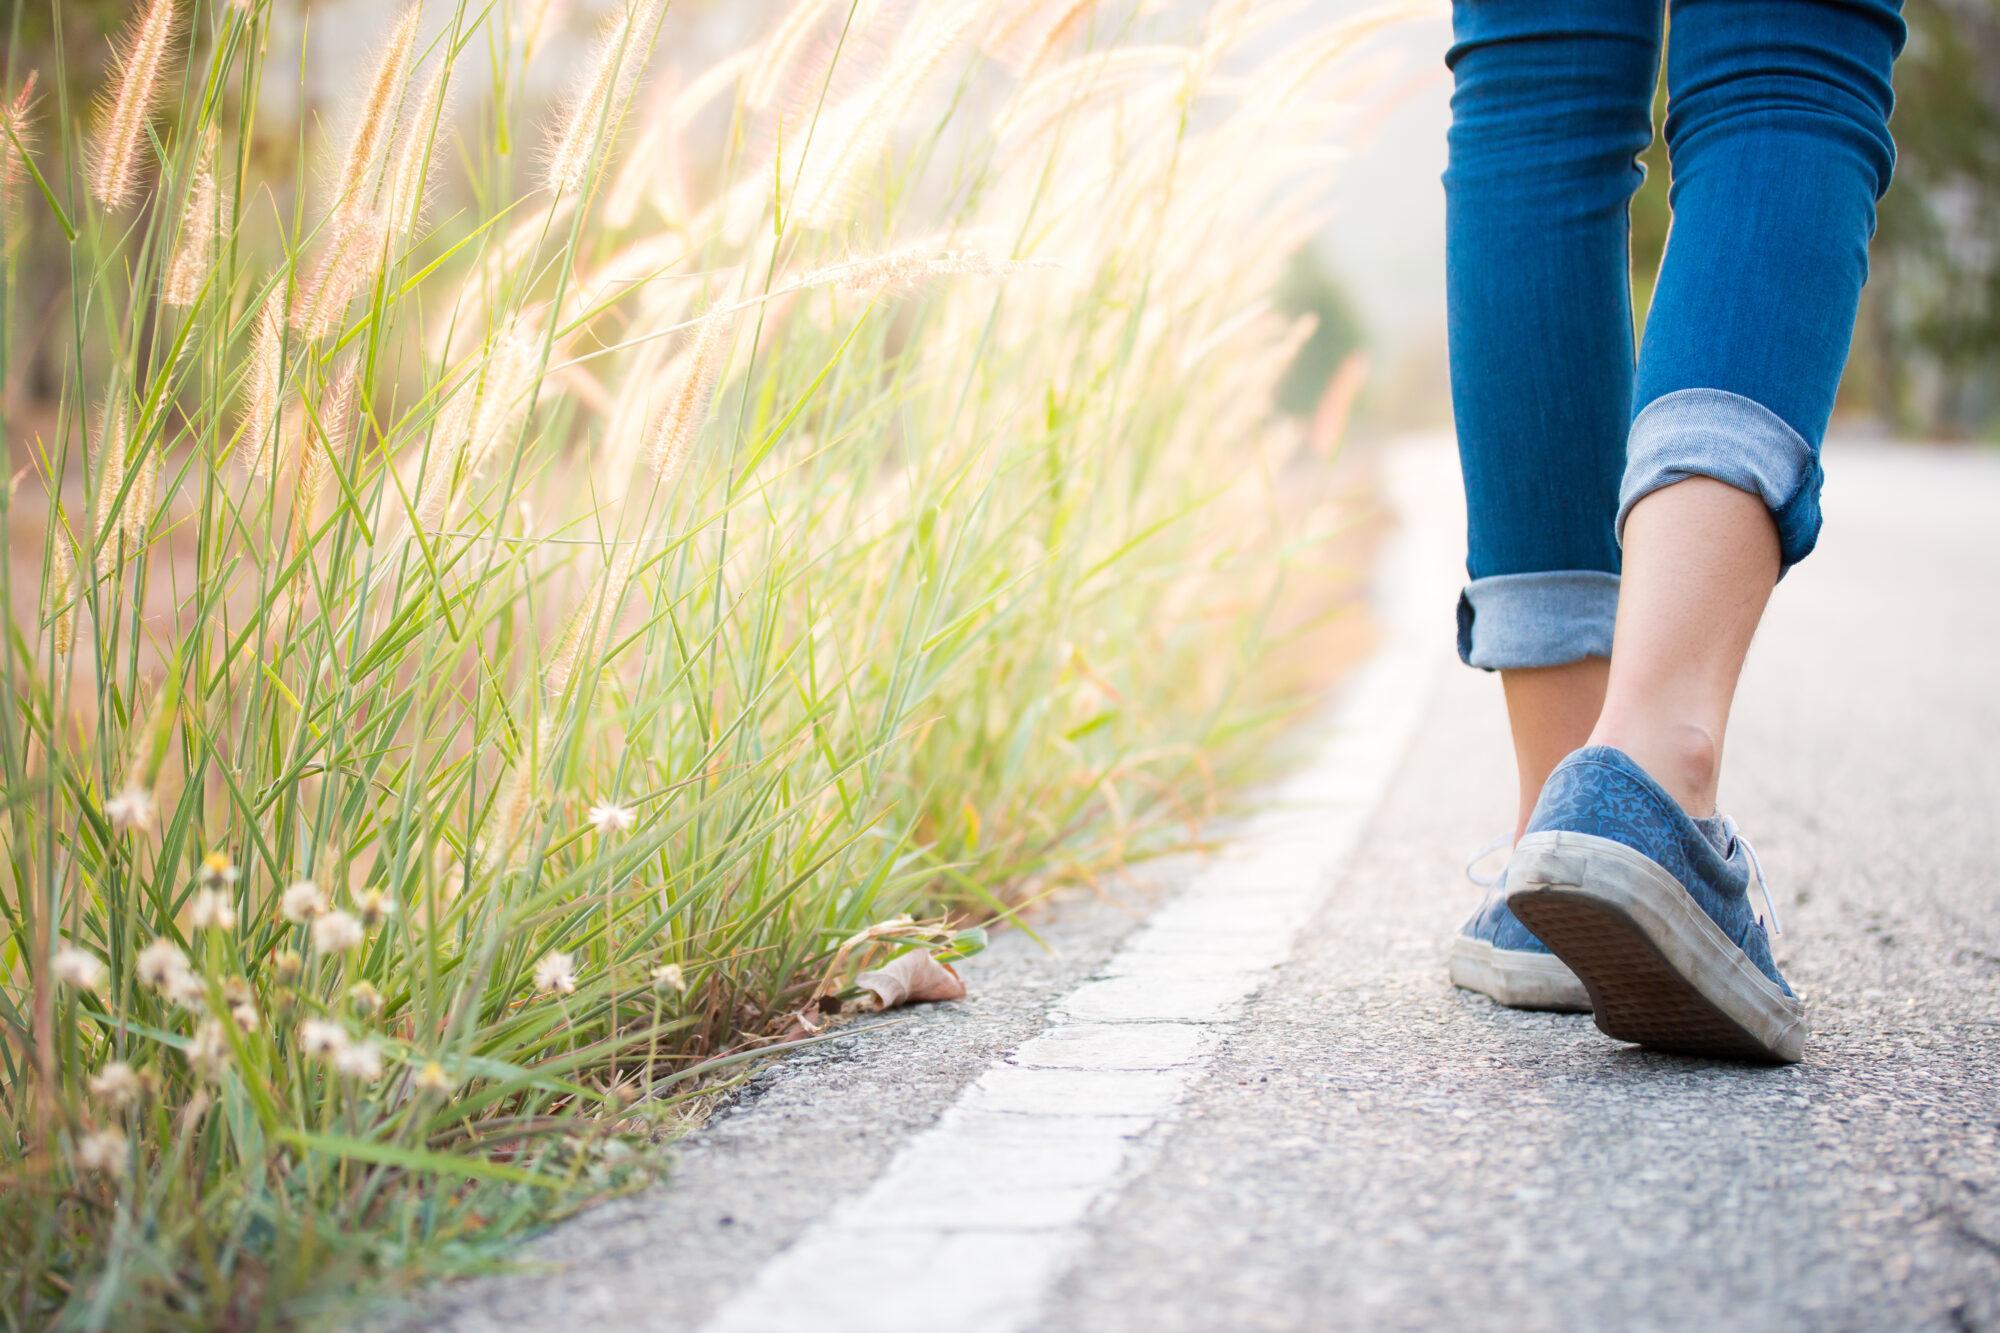 Meer dan twee derde van wandelaars gaat tijdens coronacrisis vaker een rondje lopen vanuit huis